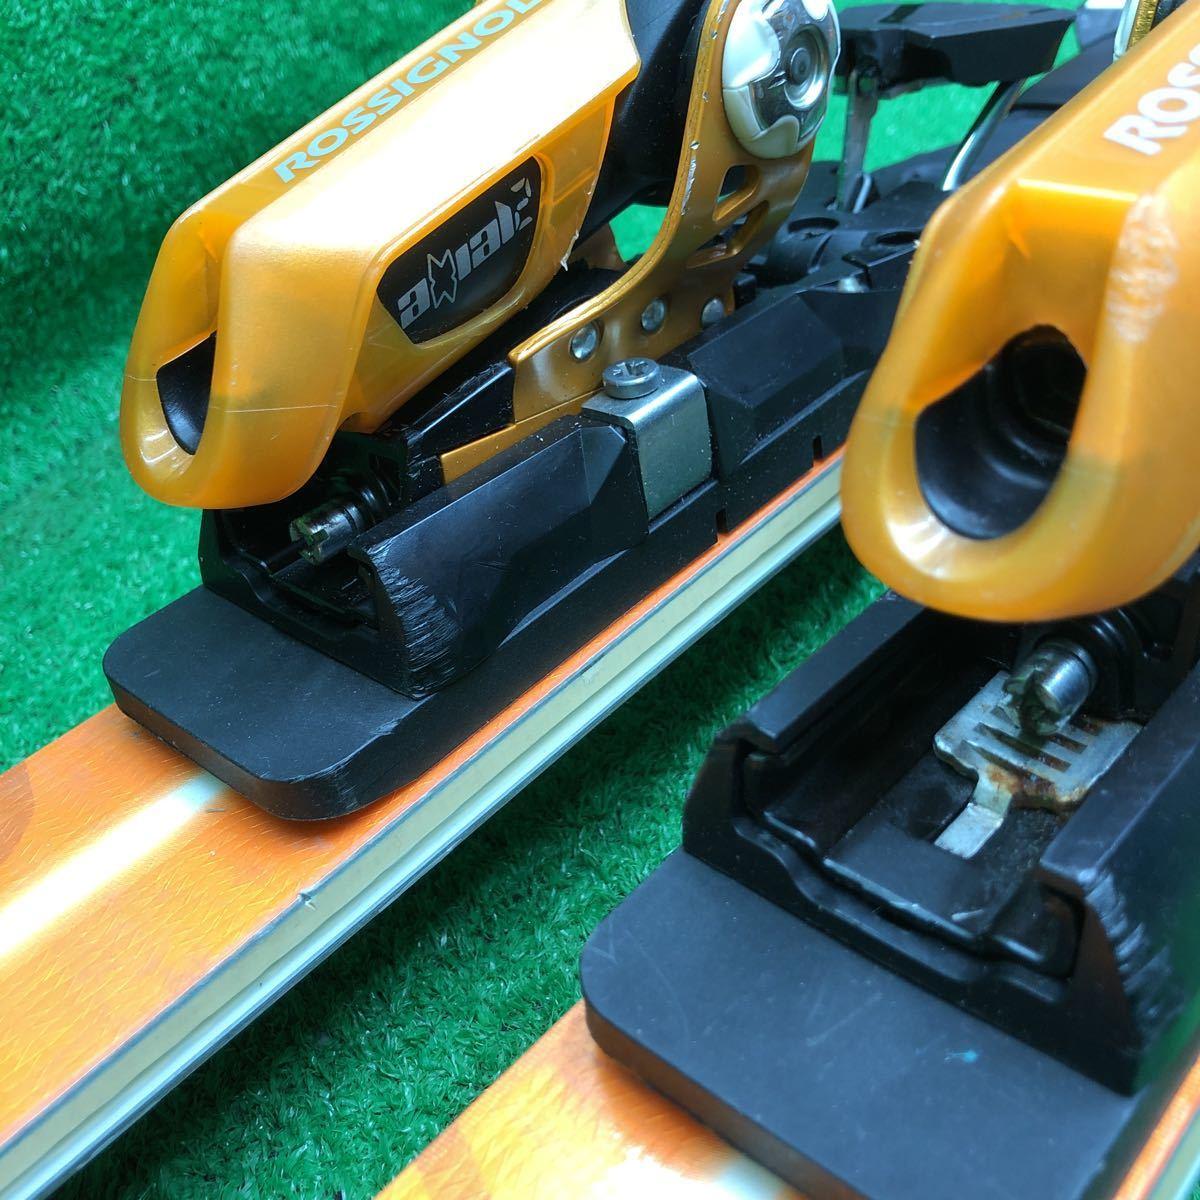 SKI-416 ロシニョール(Rossignal) Radical X 175cm 全国送料一律で1円スタート売り切り!春休みに是非!_画像7